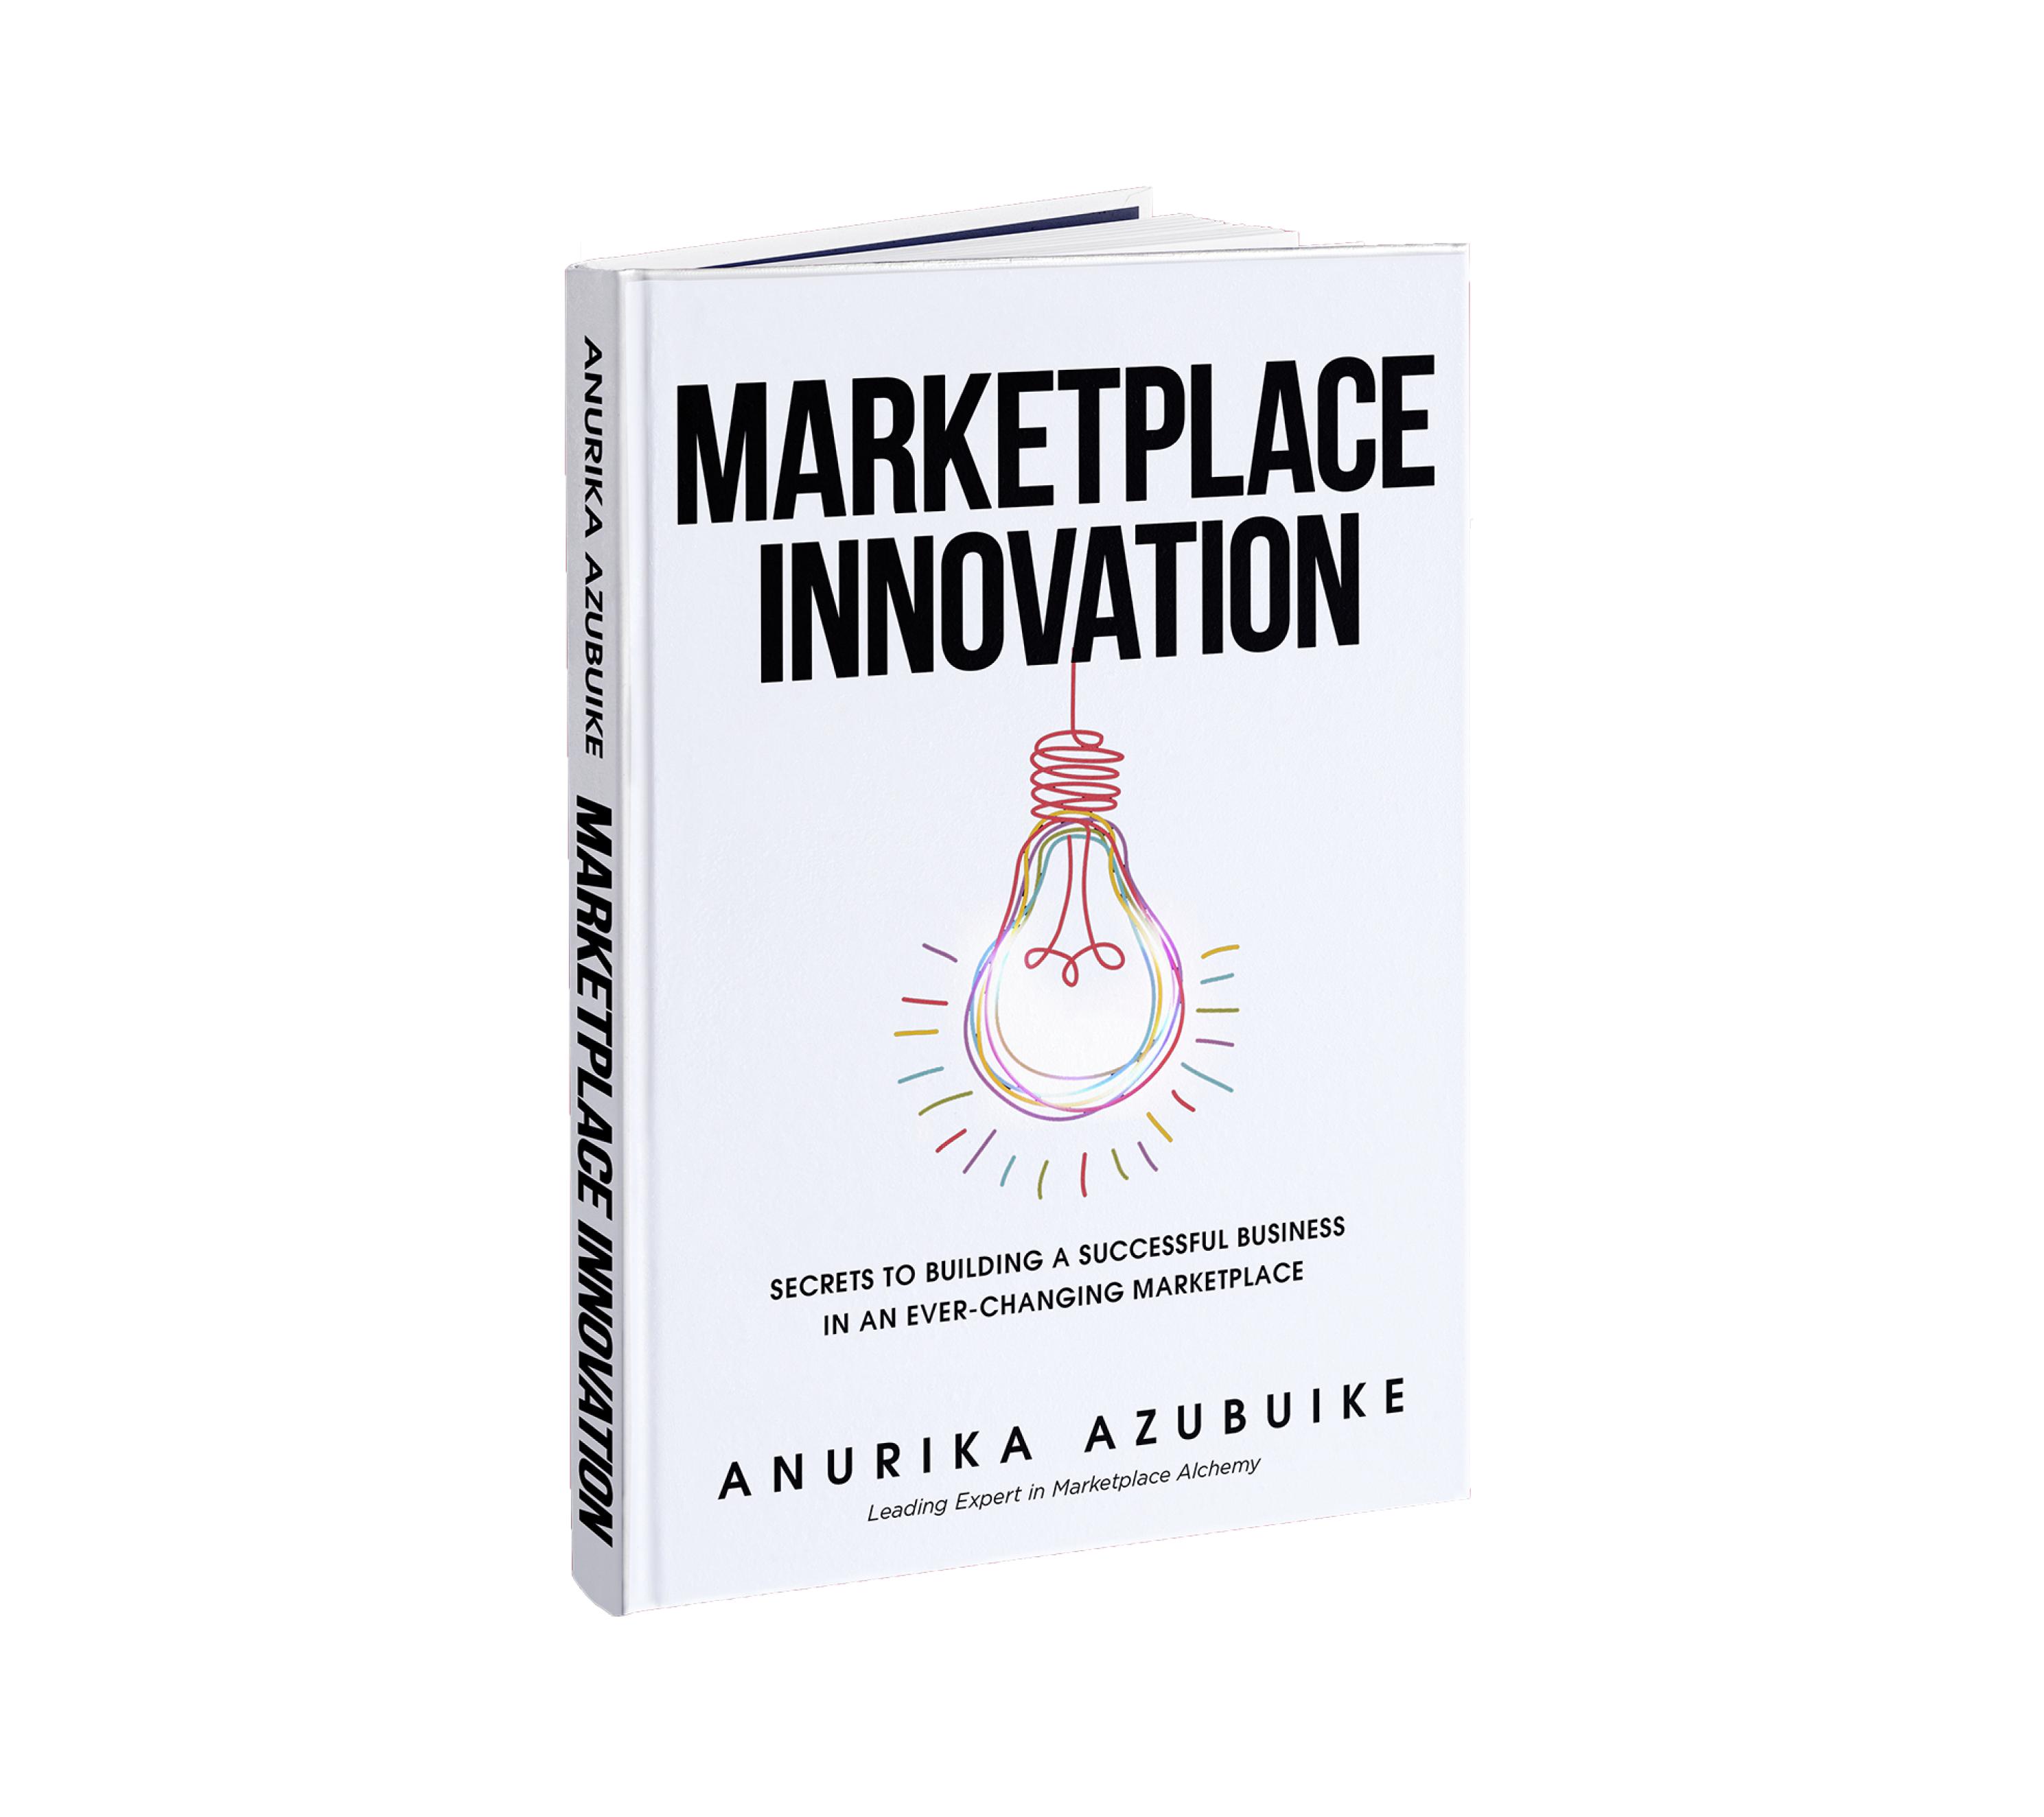 Marketplace Innovation